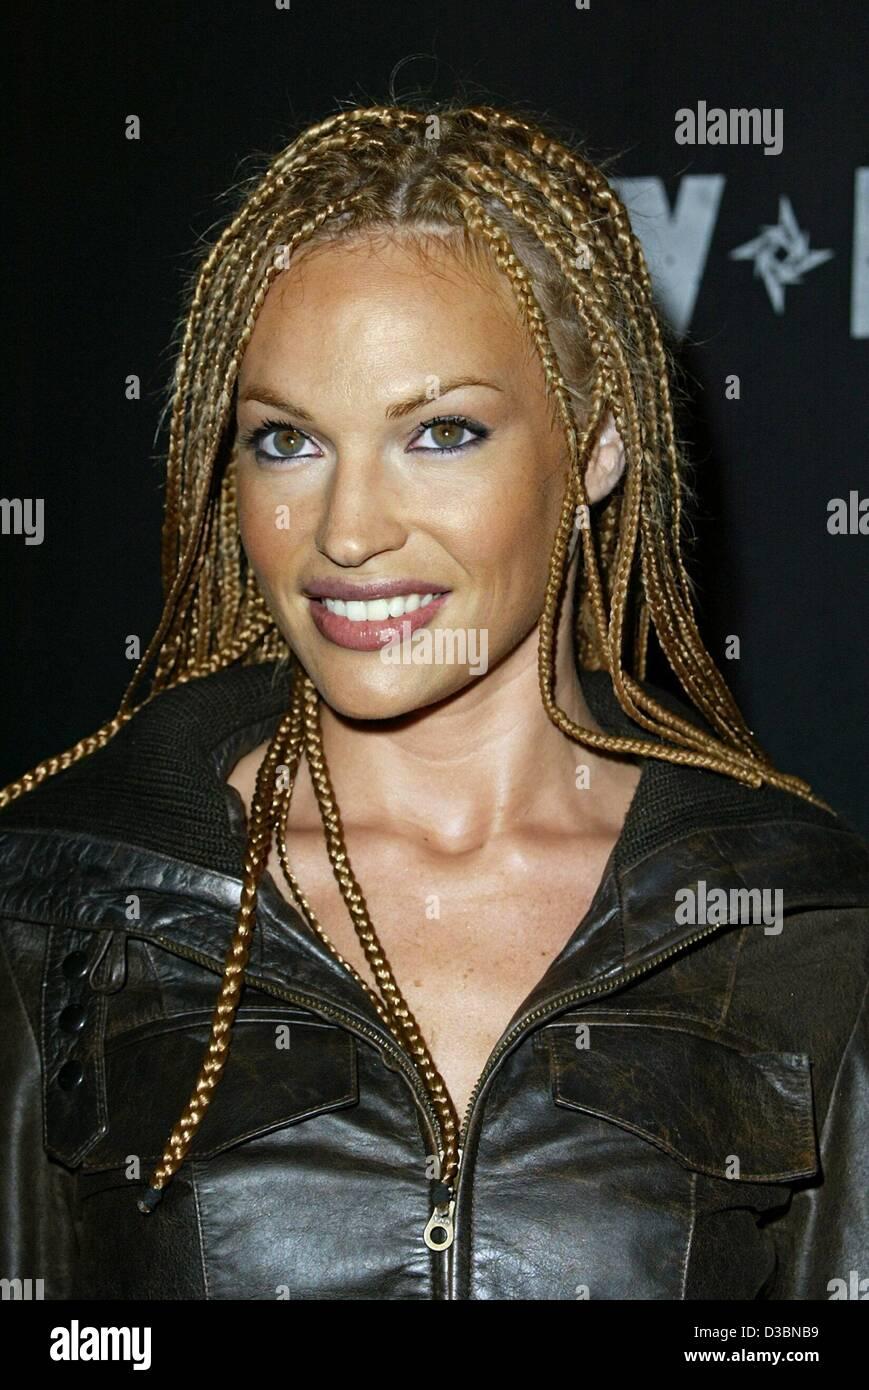 Jolene Blalock Ethnicity